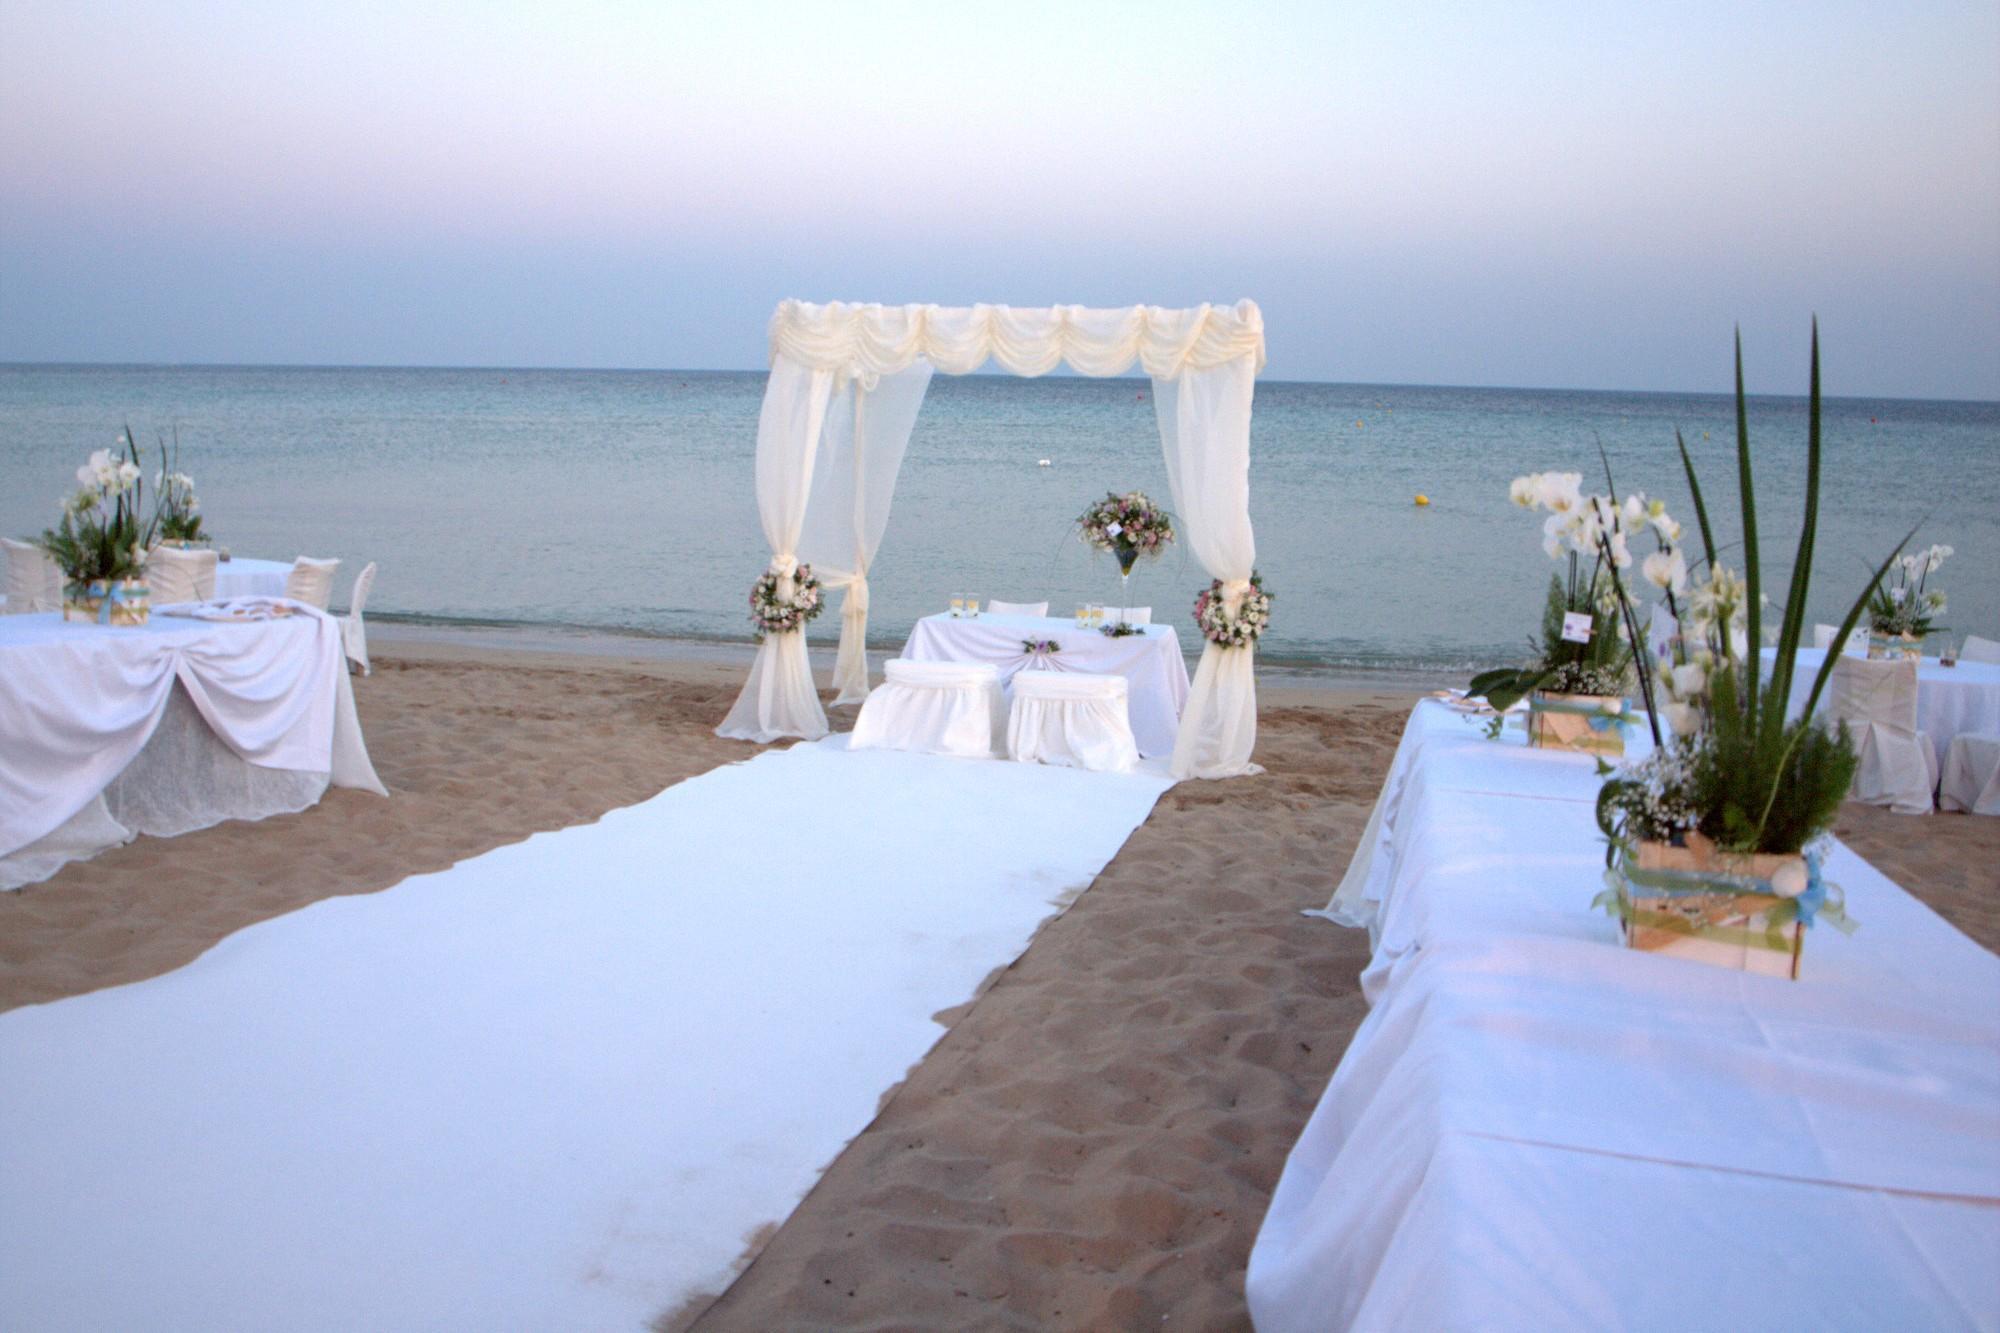 Matrimonio In Spiaggia Immagini : Mondragone dà il via ai matrimoni in spiaggia u clarus